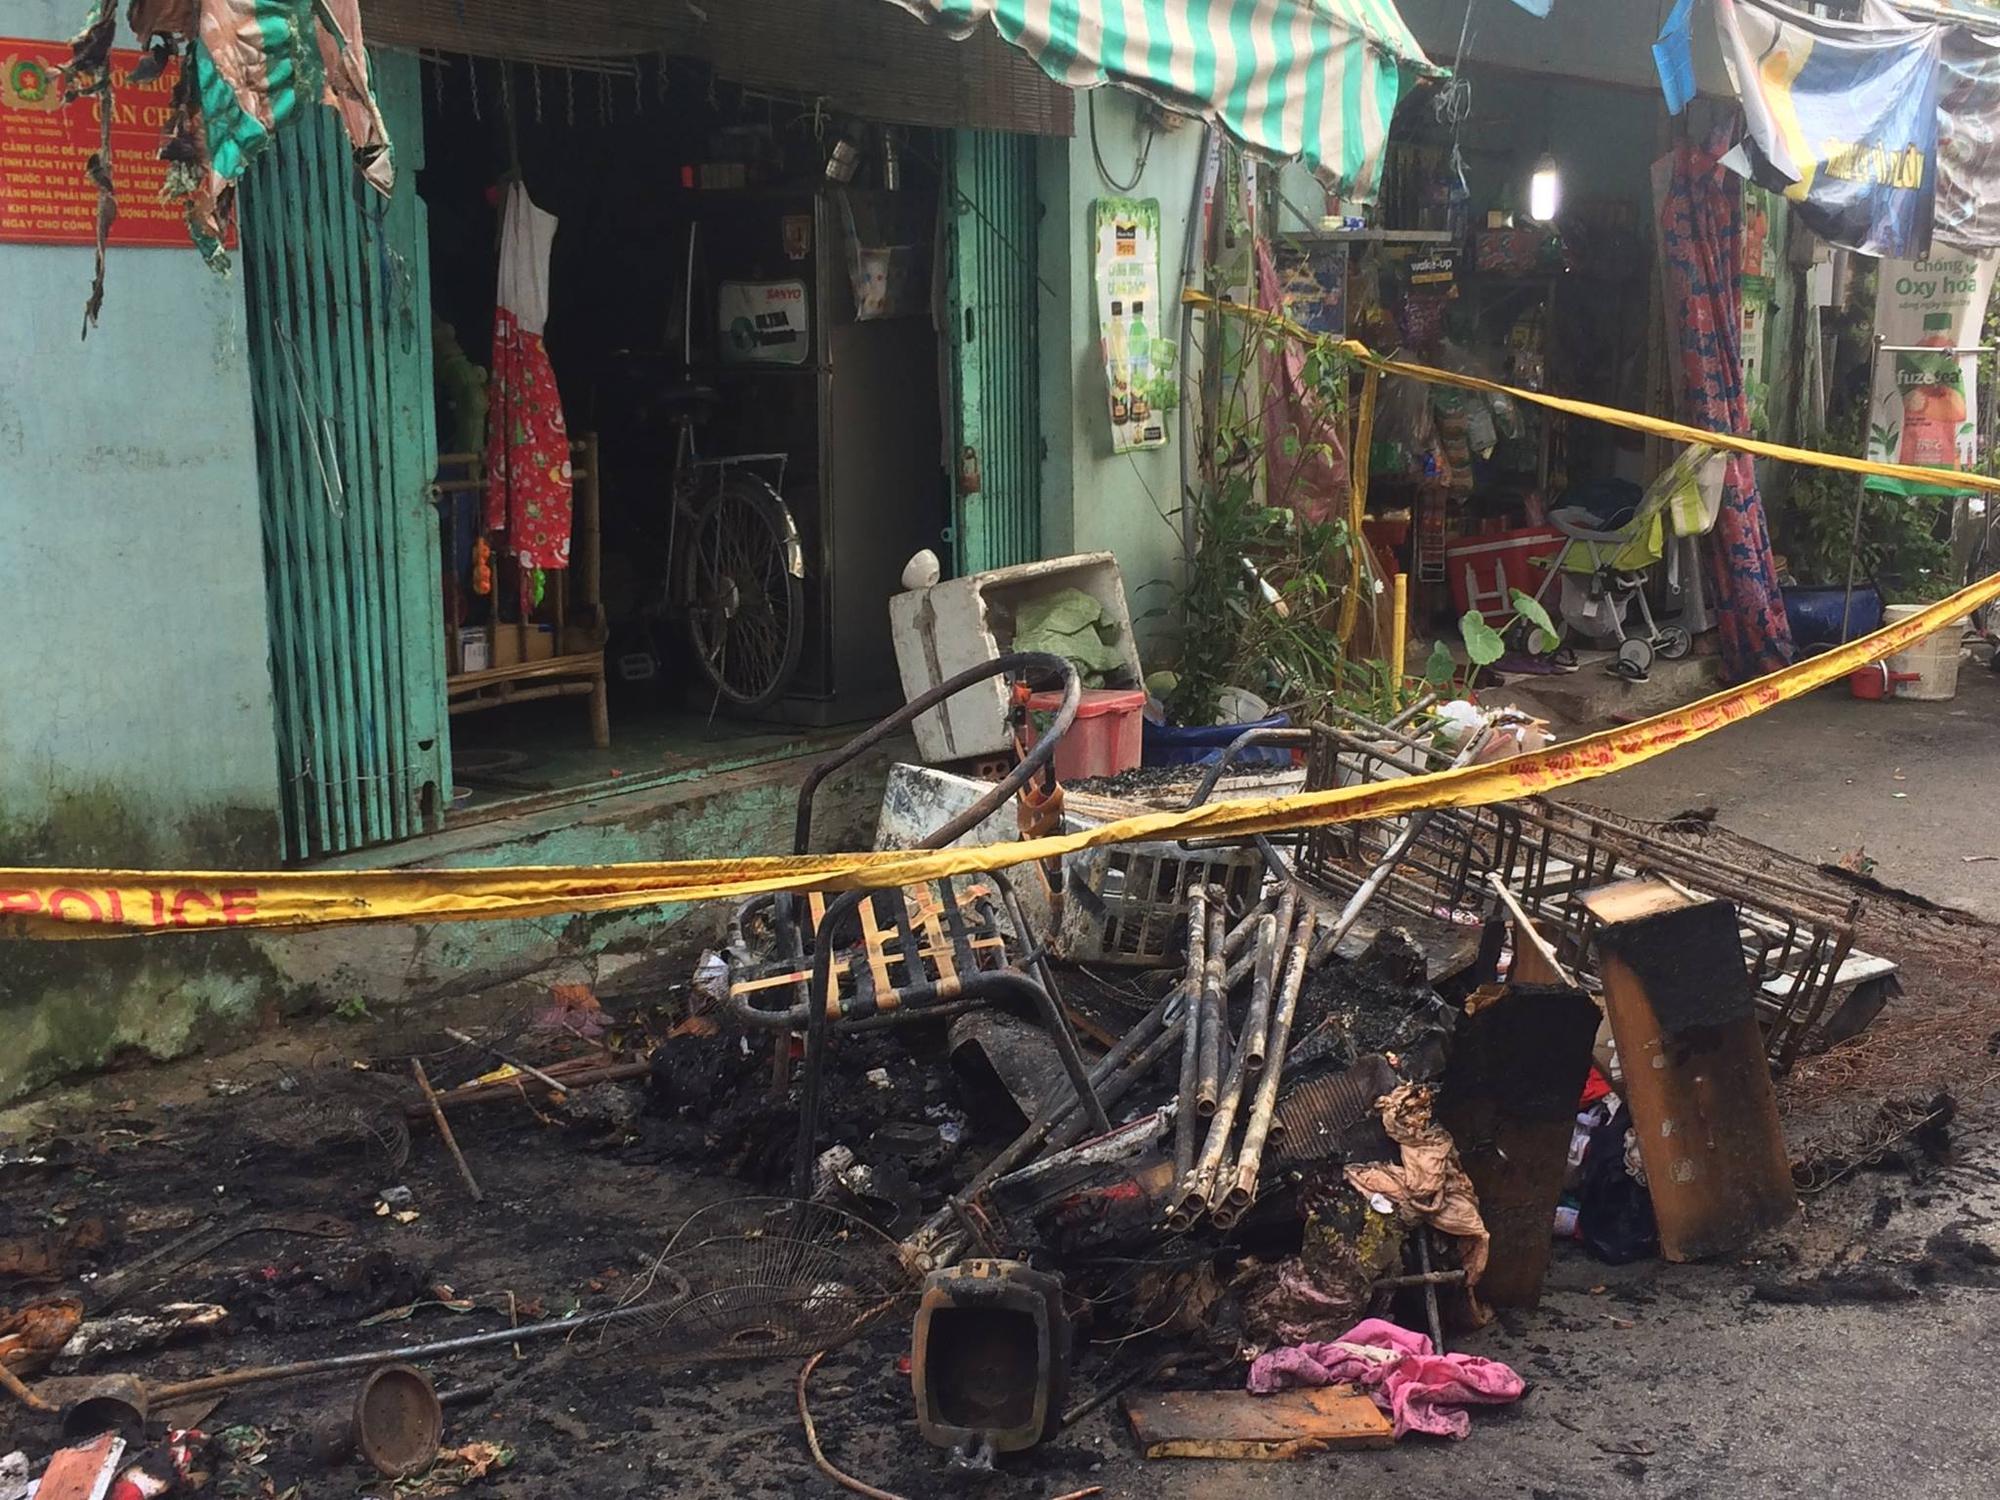 Vụ hỏa hoạn khiến 6 người thương vong tại TP. HCM: Người thân bất lực nhìn 2 bà cháu kêu cứu rồi chết cháy trong nhà